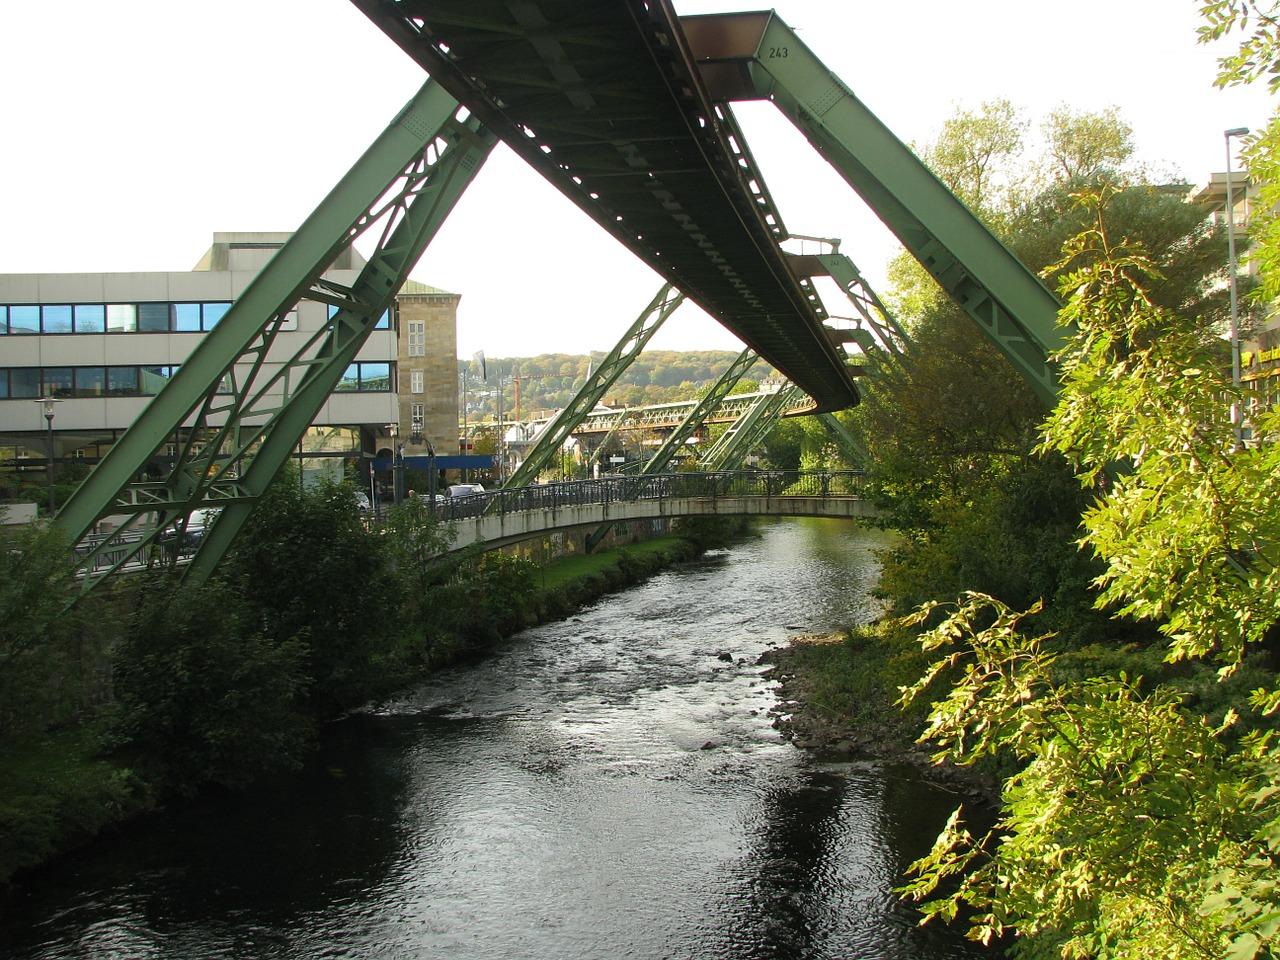 Die Burg Apotheke Wuppertal: Kundenservice auf höchstem Niveau im Herzen von Wuppertal